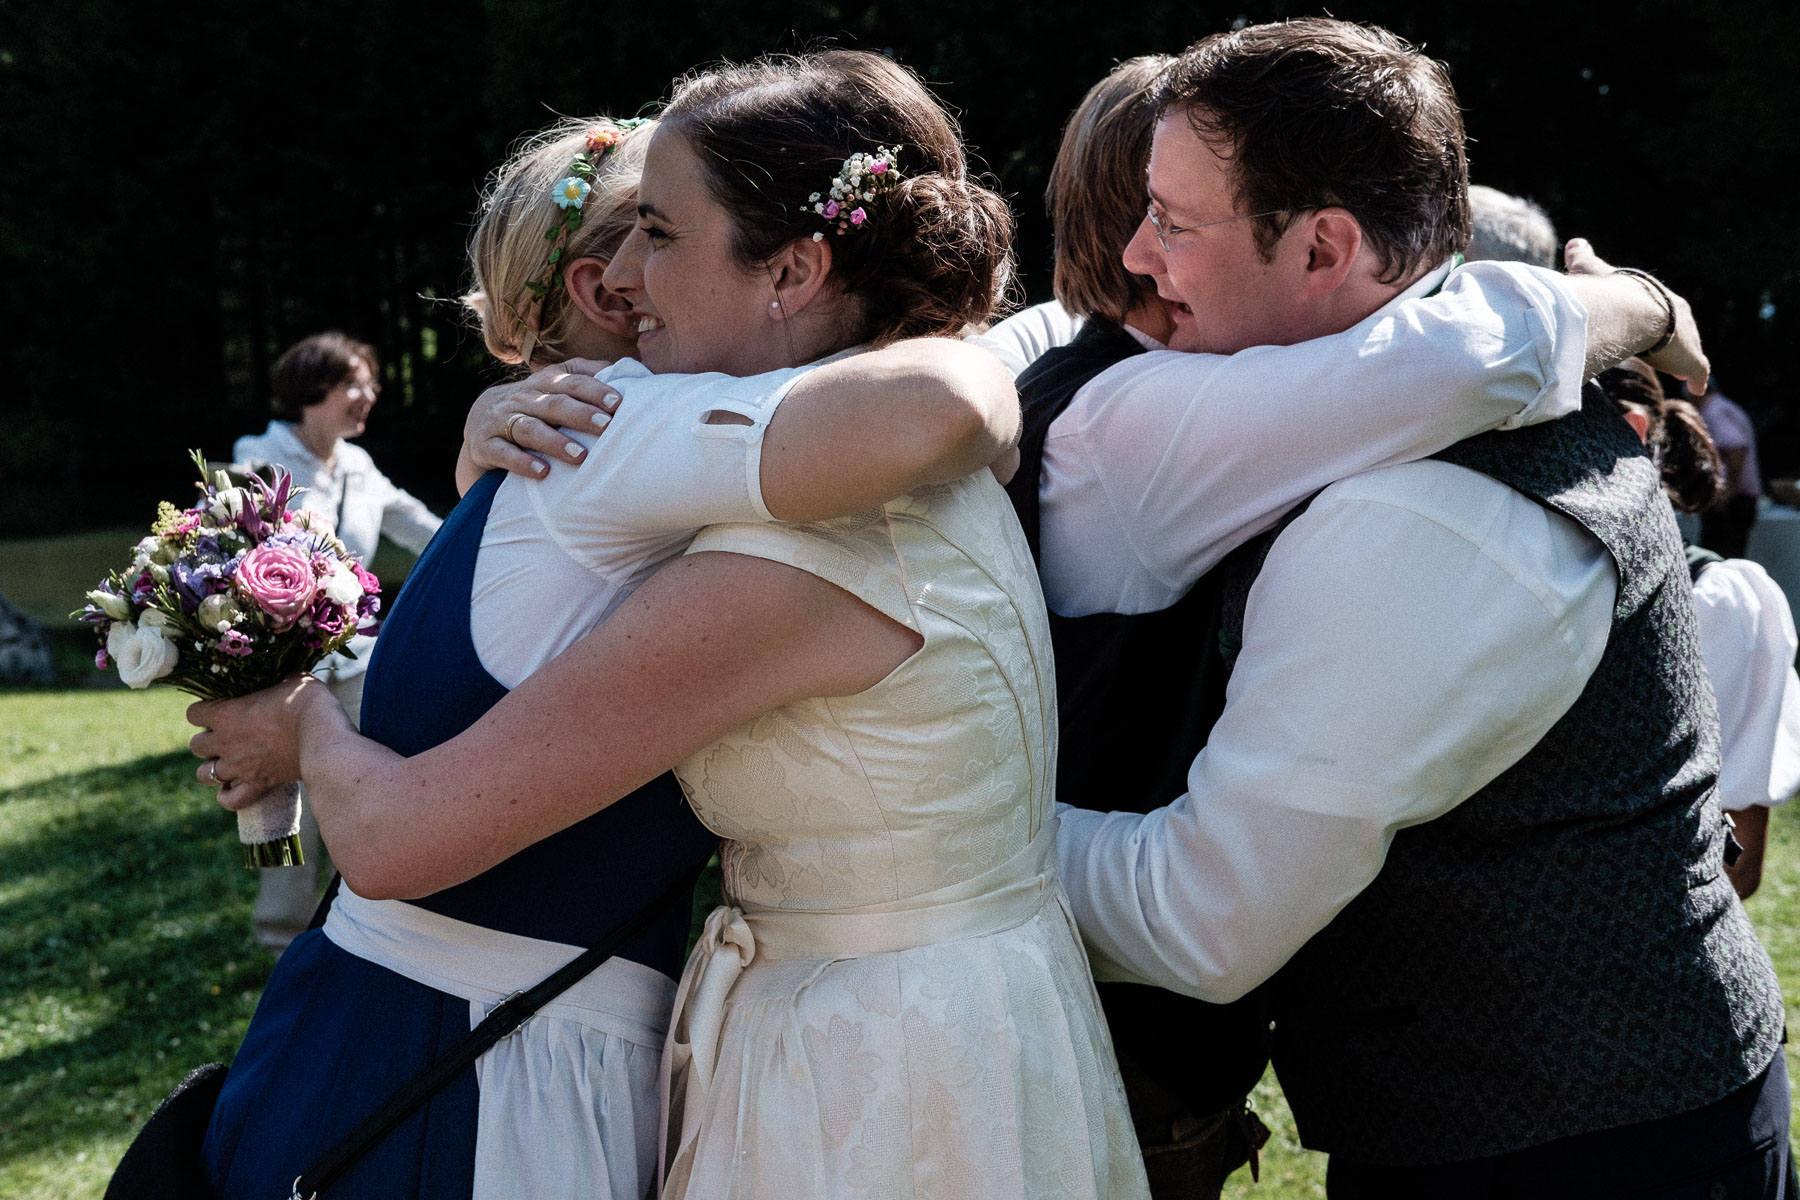 MartinLiebl_Hochzeitsfotograf_DPH_Blog_49.jpg